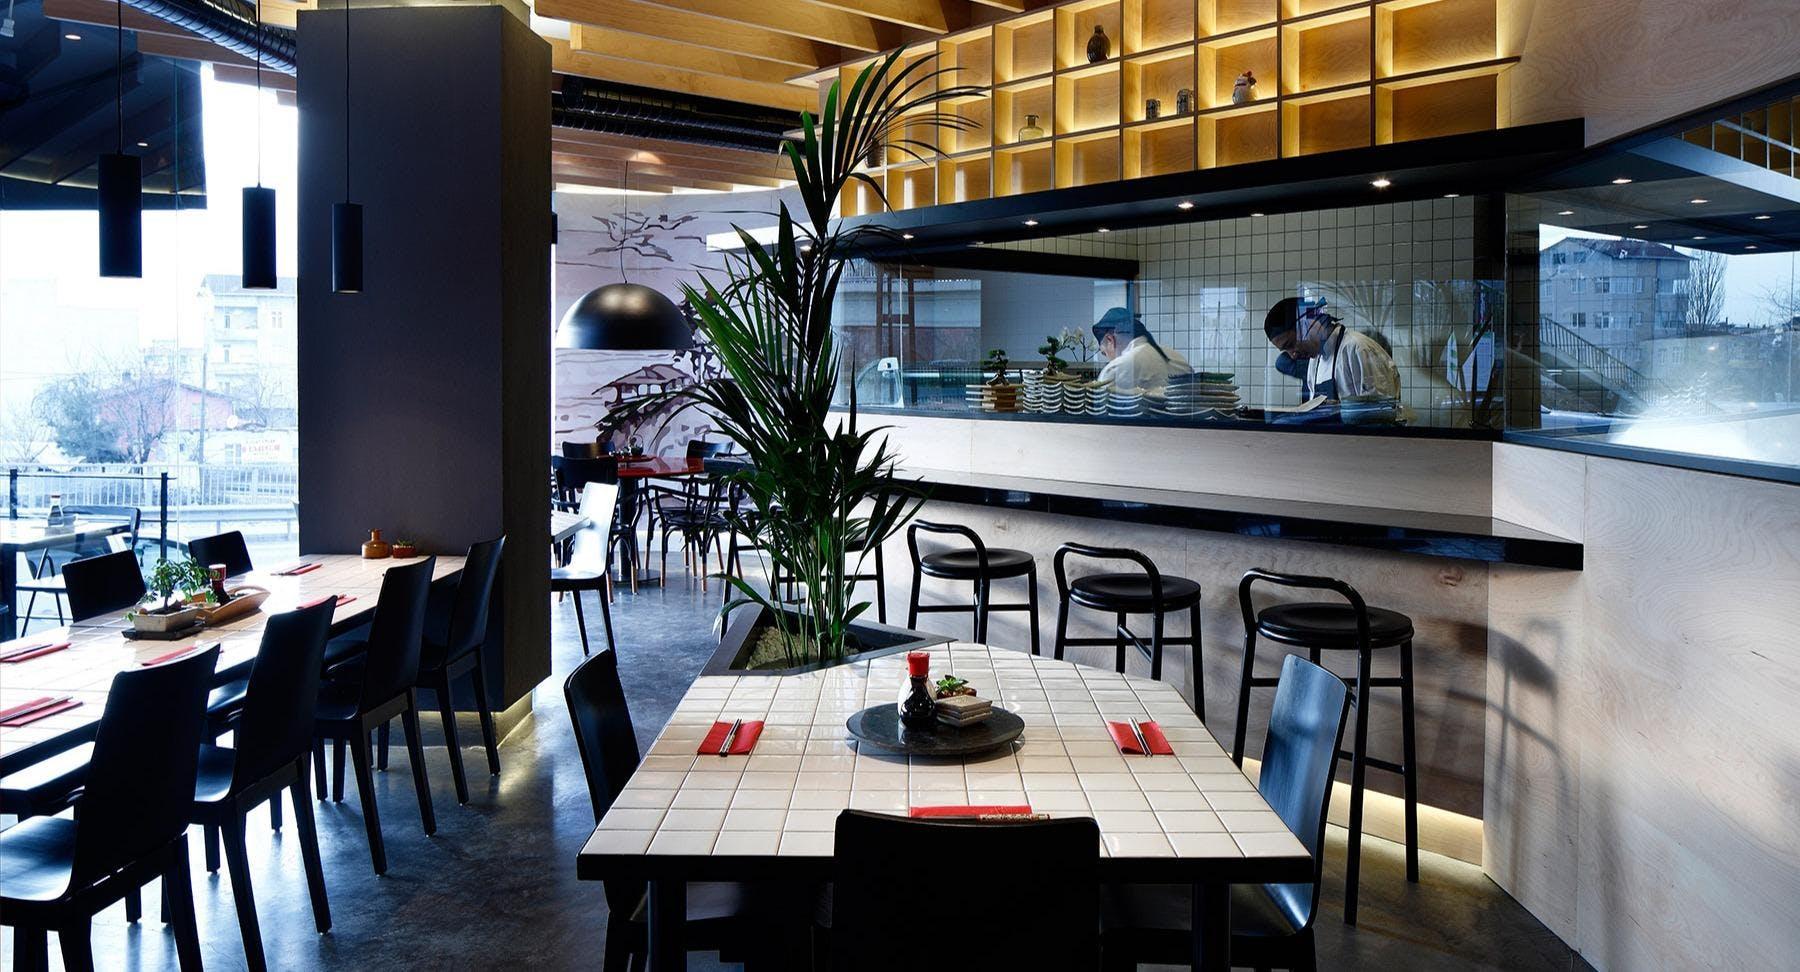 Oishii Wok & Sushi Istanbul image 1